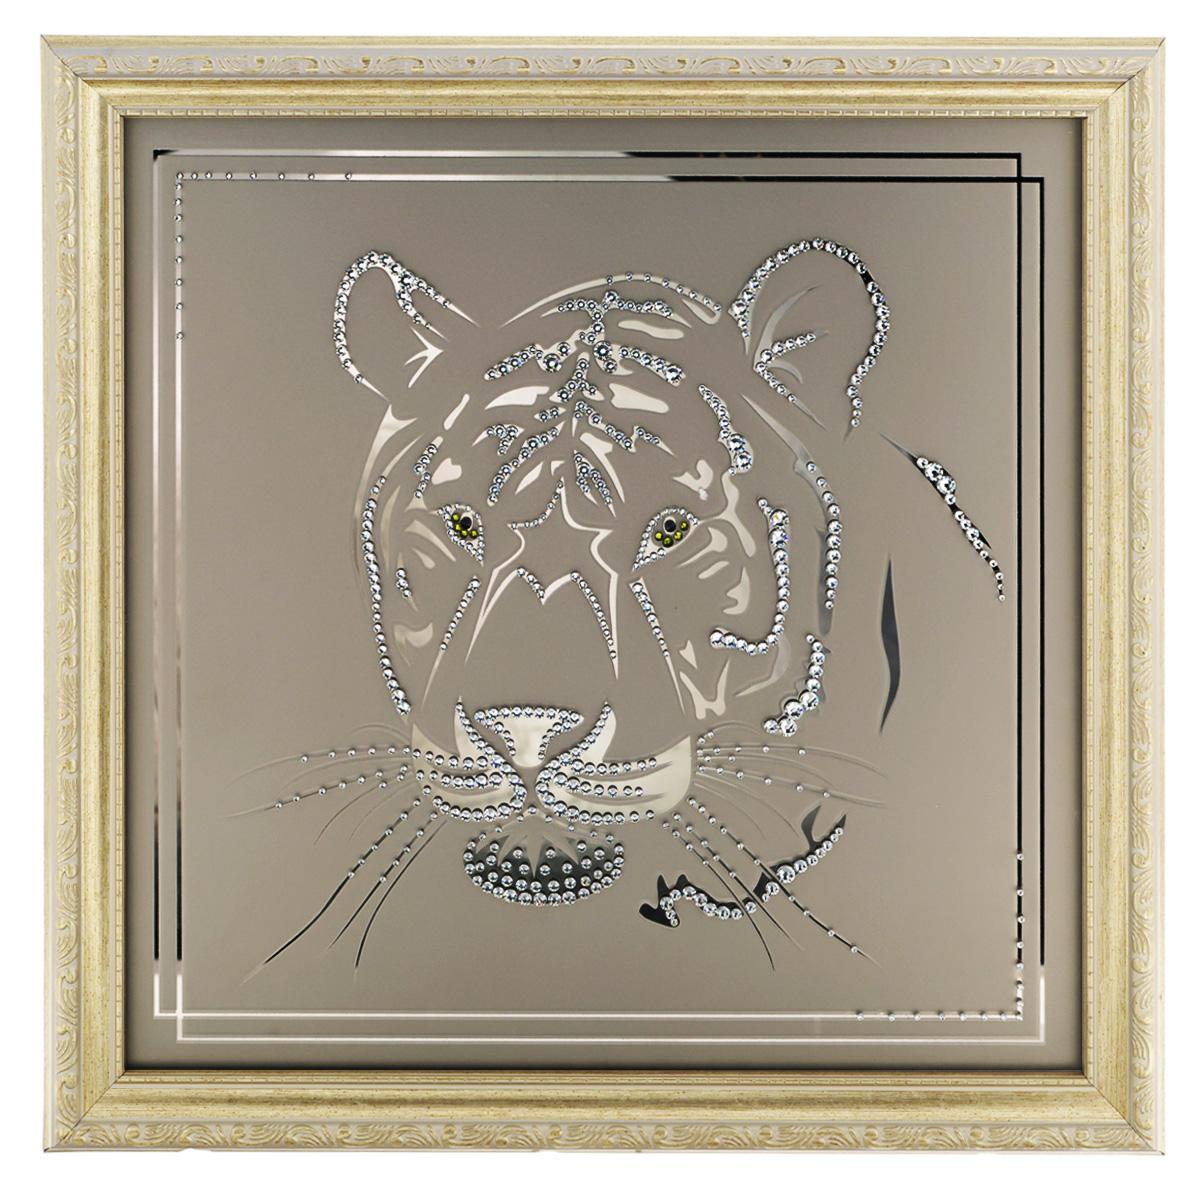 Картина с кристаллами Swarovski Взгляд тигра, 40 см х 40 смAG 40-11Изящная картина в багетной раме, инкрустирована кристаллами Swarovski в виде головы тигра на матовом стекле золотистого цвета. Кристаллы Swarovski отличаются четкой и ровной огранкой, ярким блеском и чистотой цвета. С обратной стороны имеется металлическая проволока для размещения картины на стене. Картина с кристаллами Swarovski Взгляд тигра элегантно украсит интерьер дома или офиса, а также станет прекрасным подарком, который обязательно понравится получателю. Блеск кристаллов в интерьере, что может быть сказочнее и удивительнее. Картина упакована в подарочную картонную коробку синего цвета и комплектуется сертификатом соответствия Swarovski.